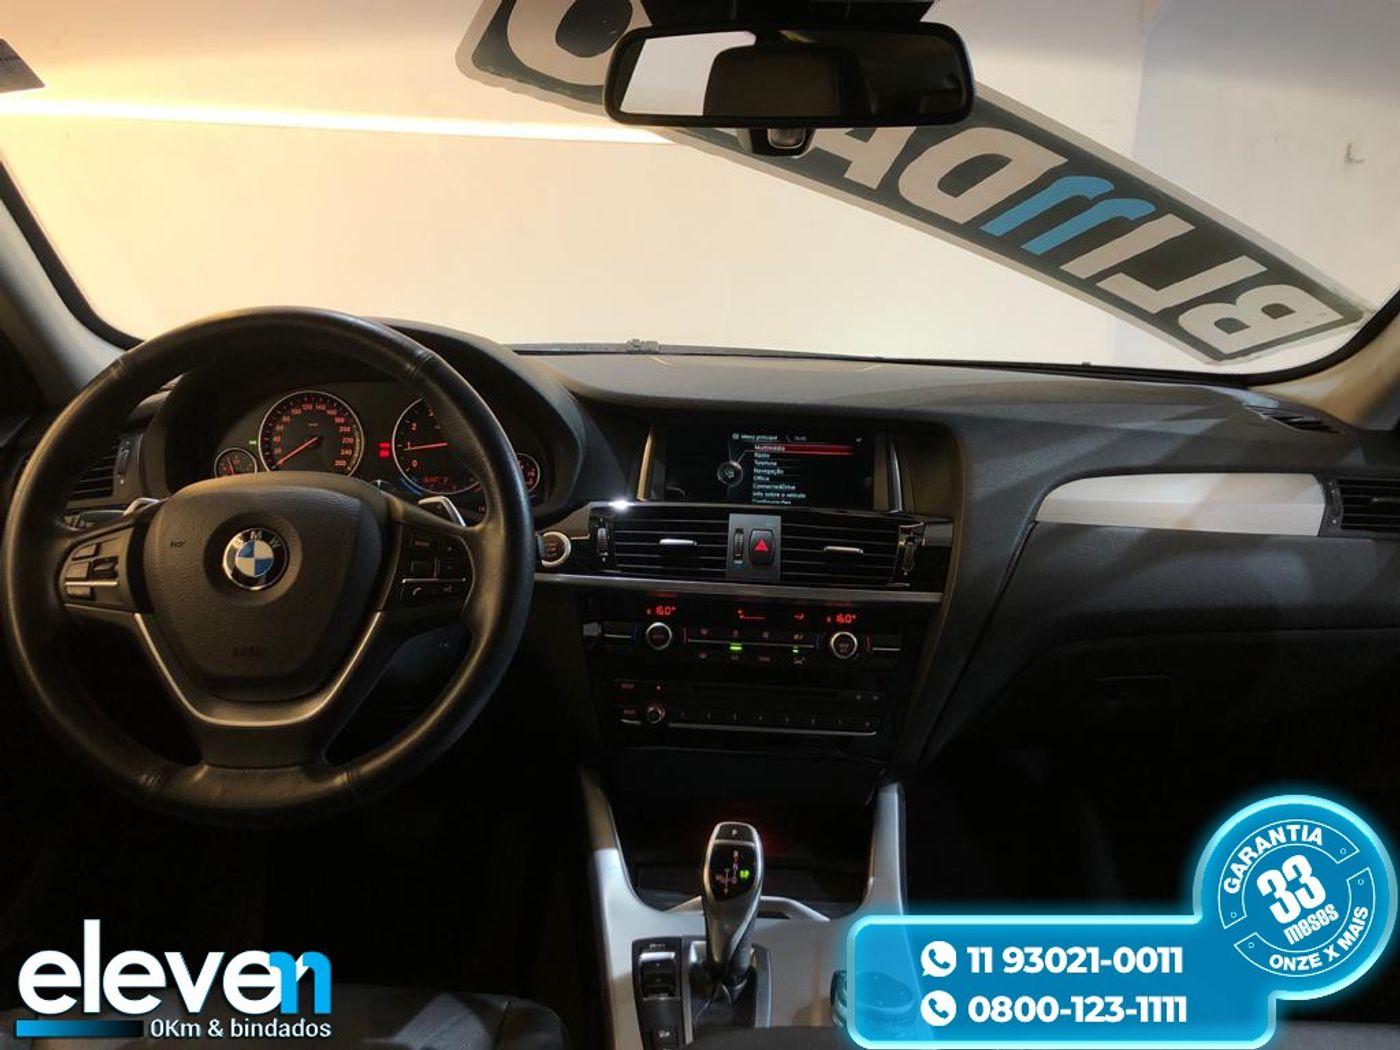 BMW X4 XDRIVE 28i X-Line 2.0 Turbo 245cv Aut